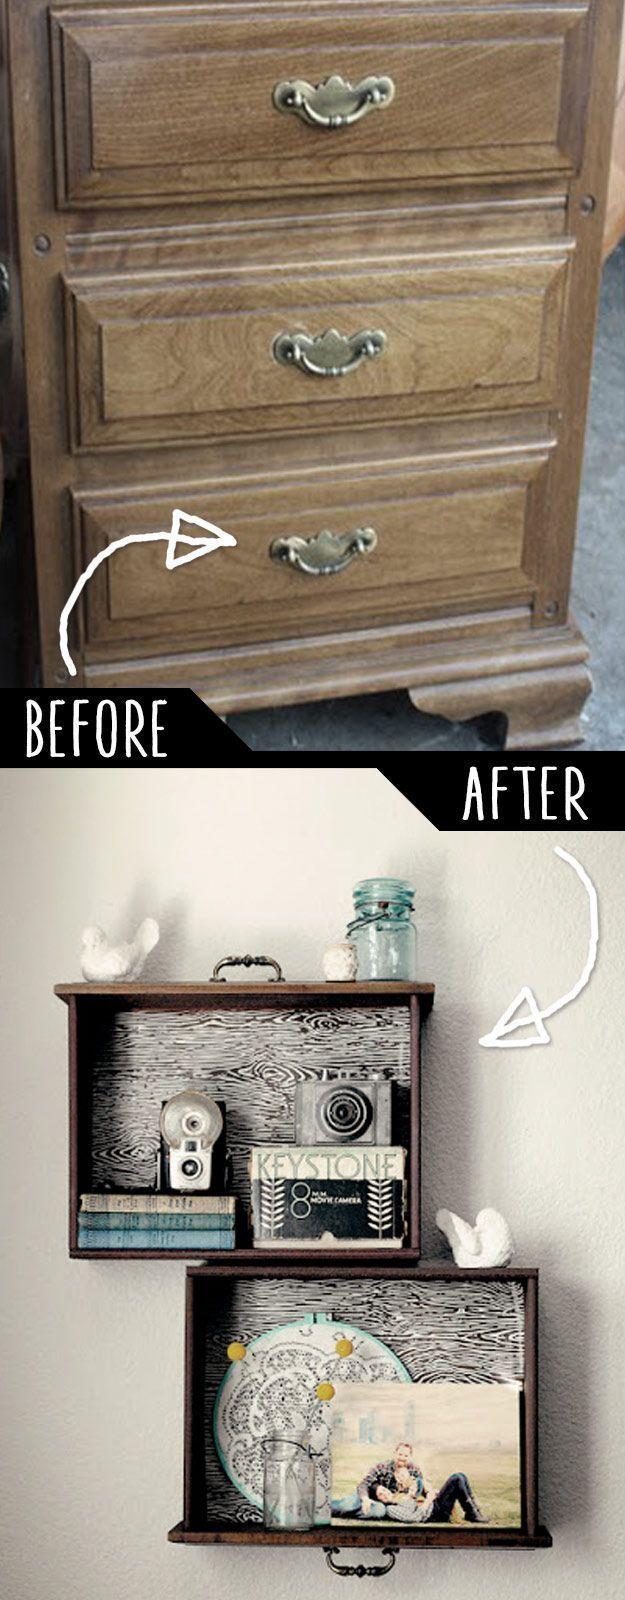 39 Clevere DIY-Möbel-Hacks – #Clevere # DIYMöbelHacks #forbedroom, #clevere # DIYMöbelHacks #f …